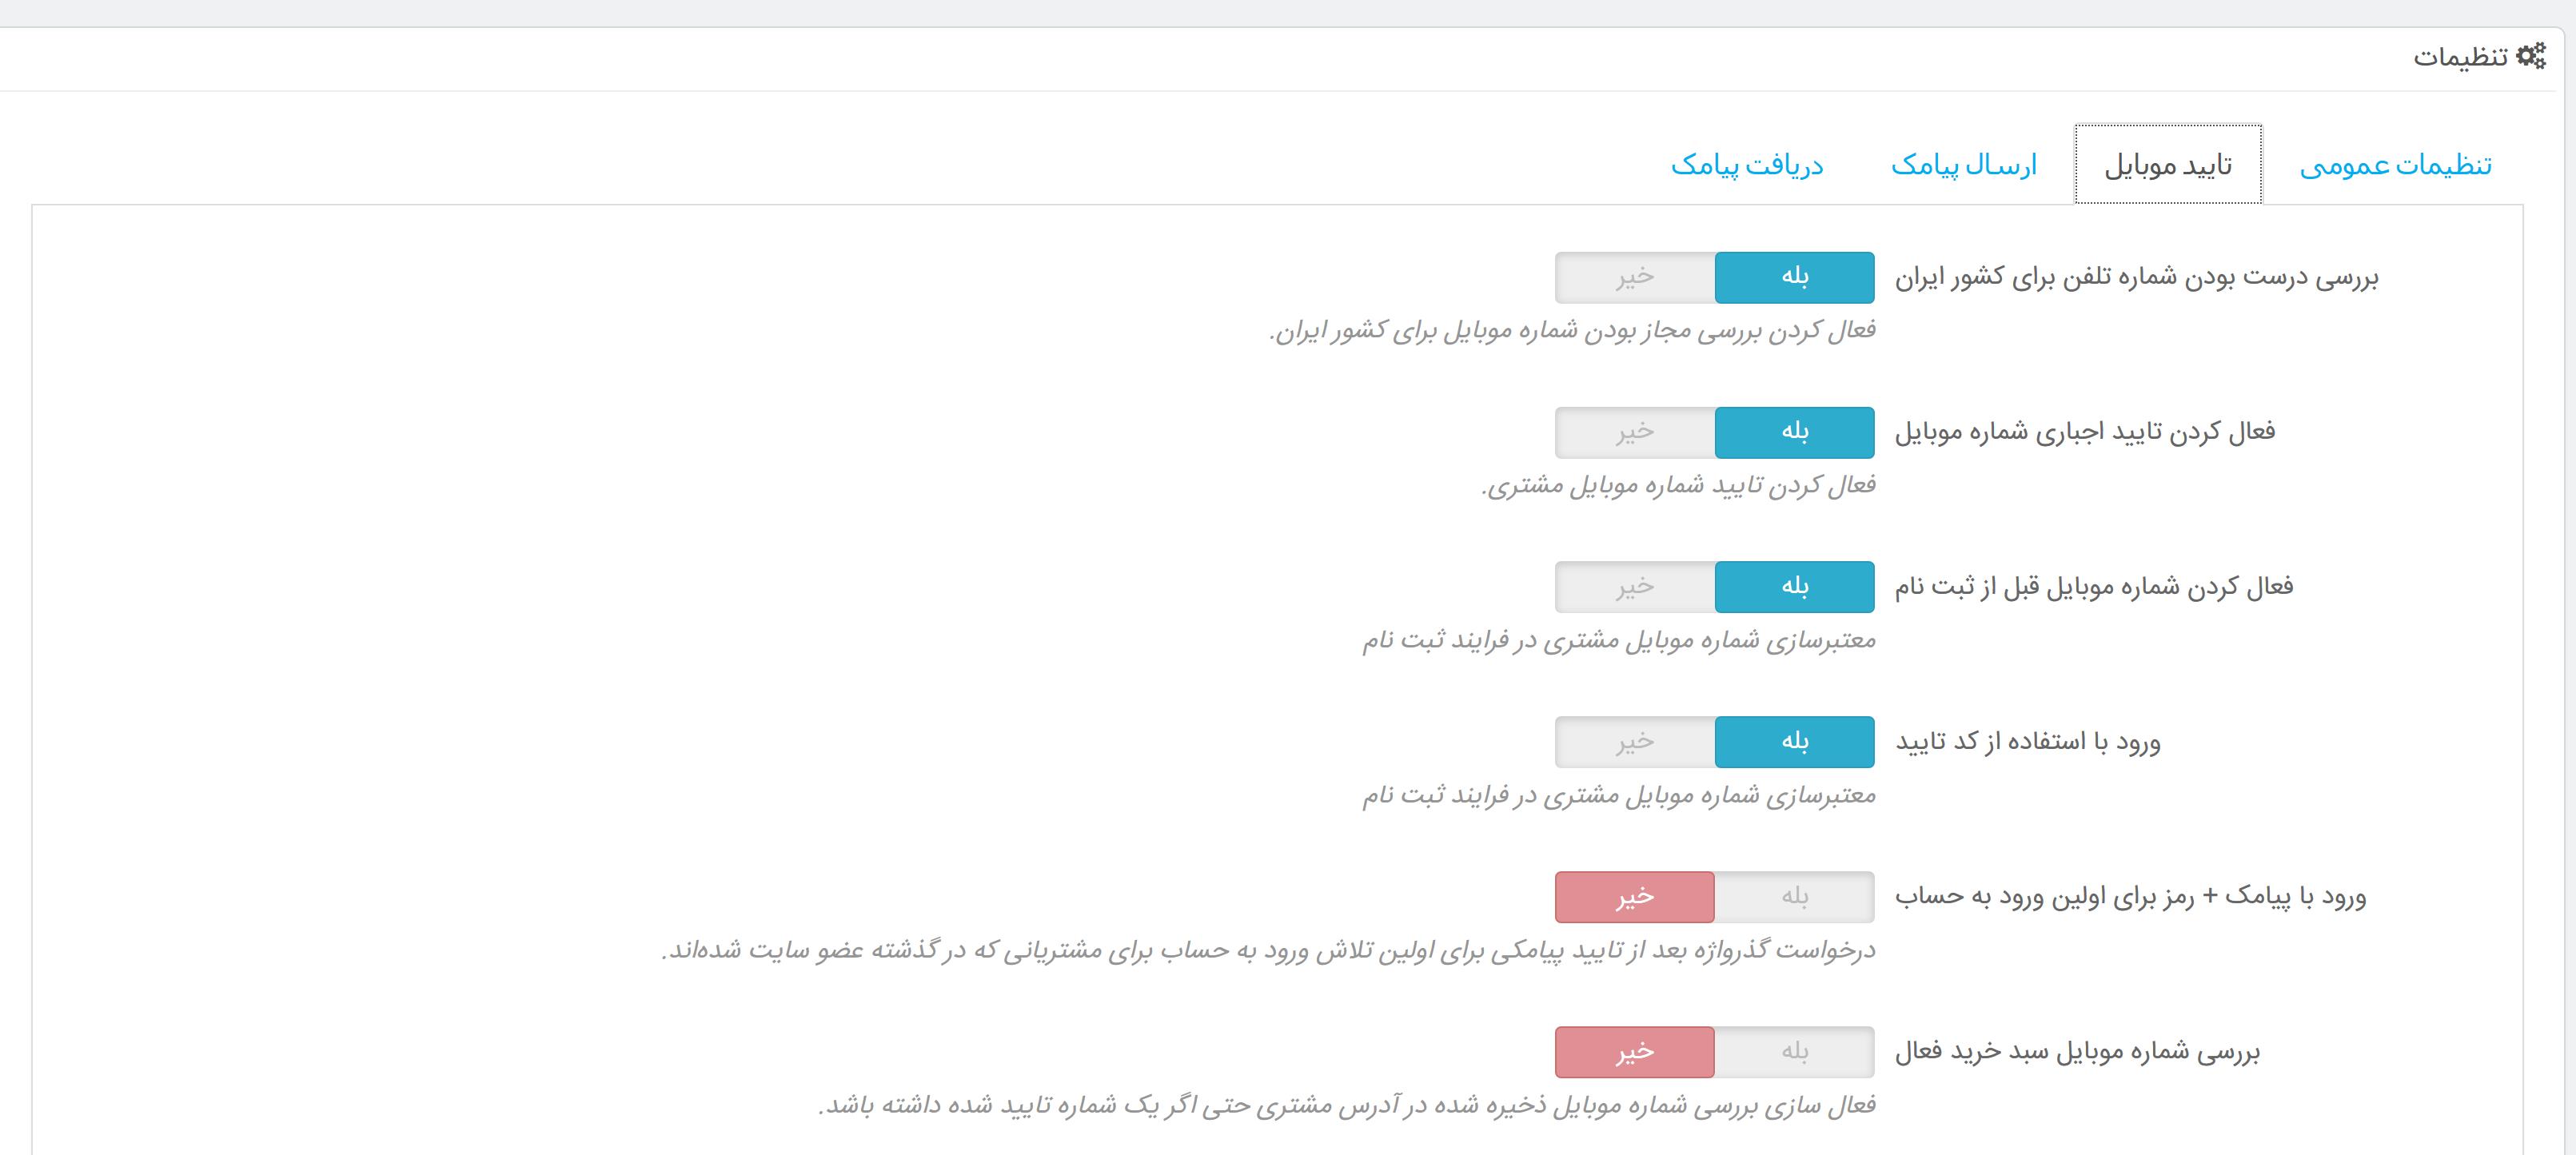 ماژول جامع پیامک و تایید مشتری در پرستاشاپ